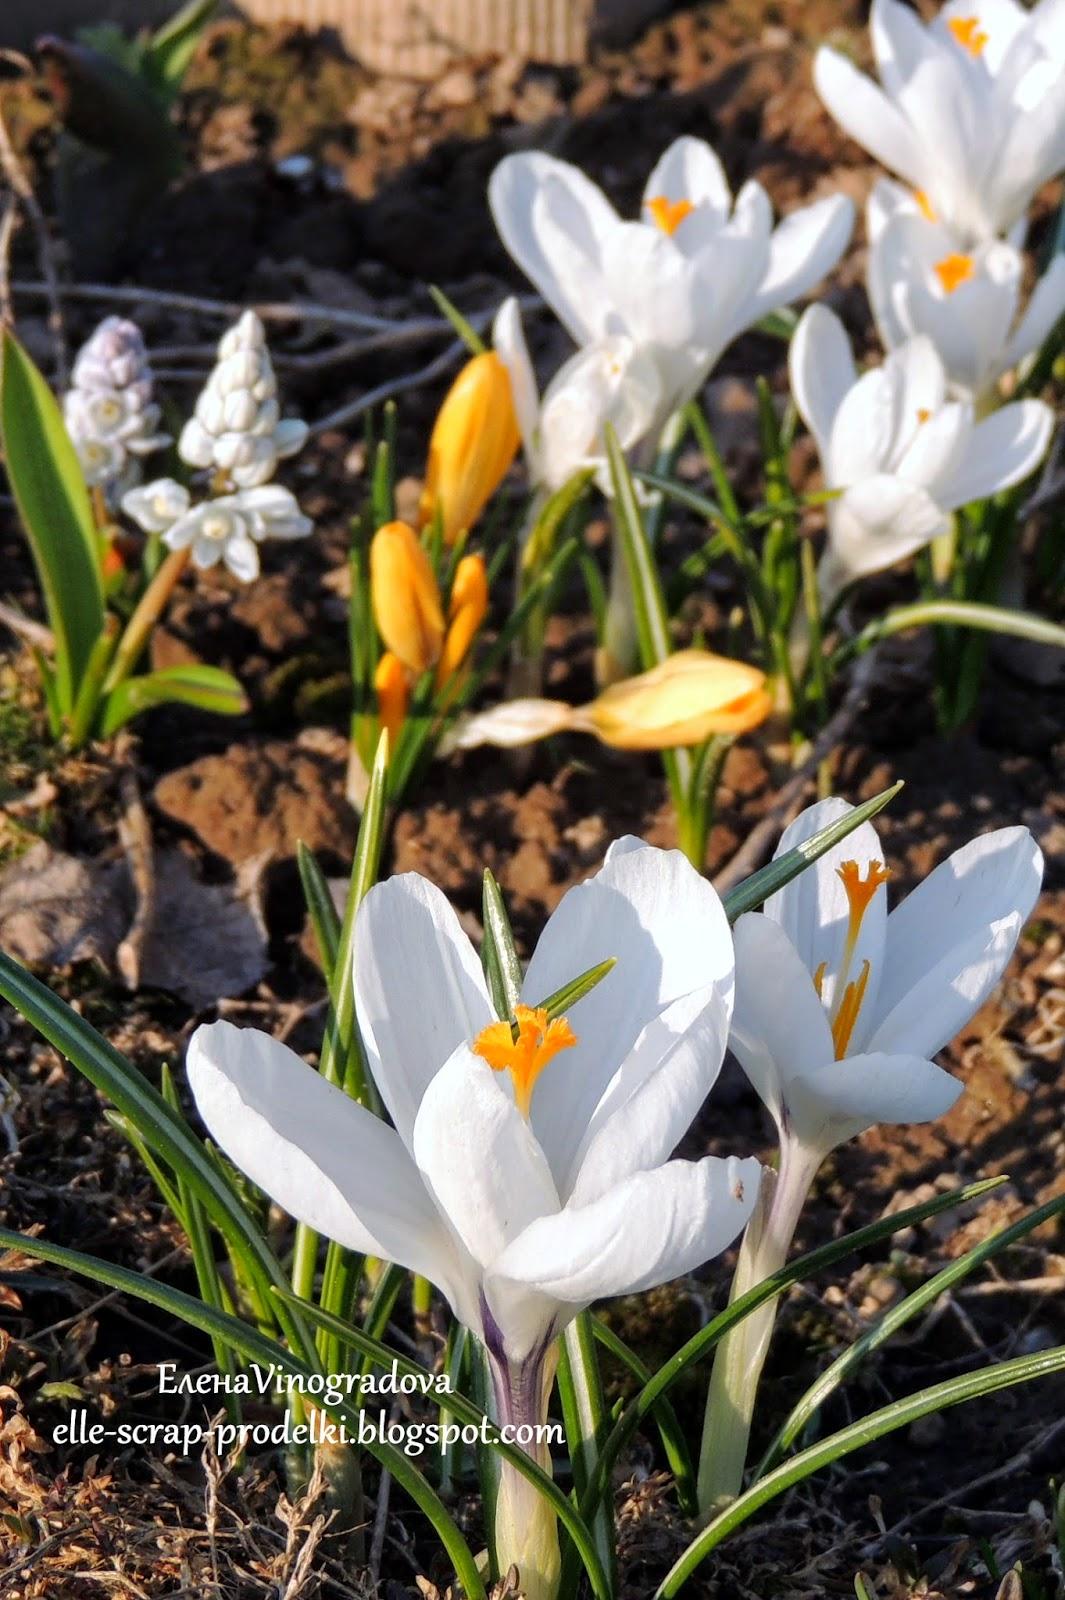 ЕленаVinogradova. Цветы нашего сада #6